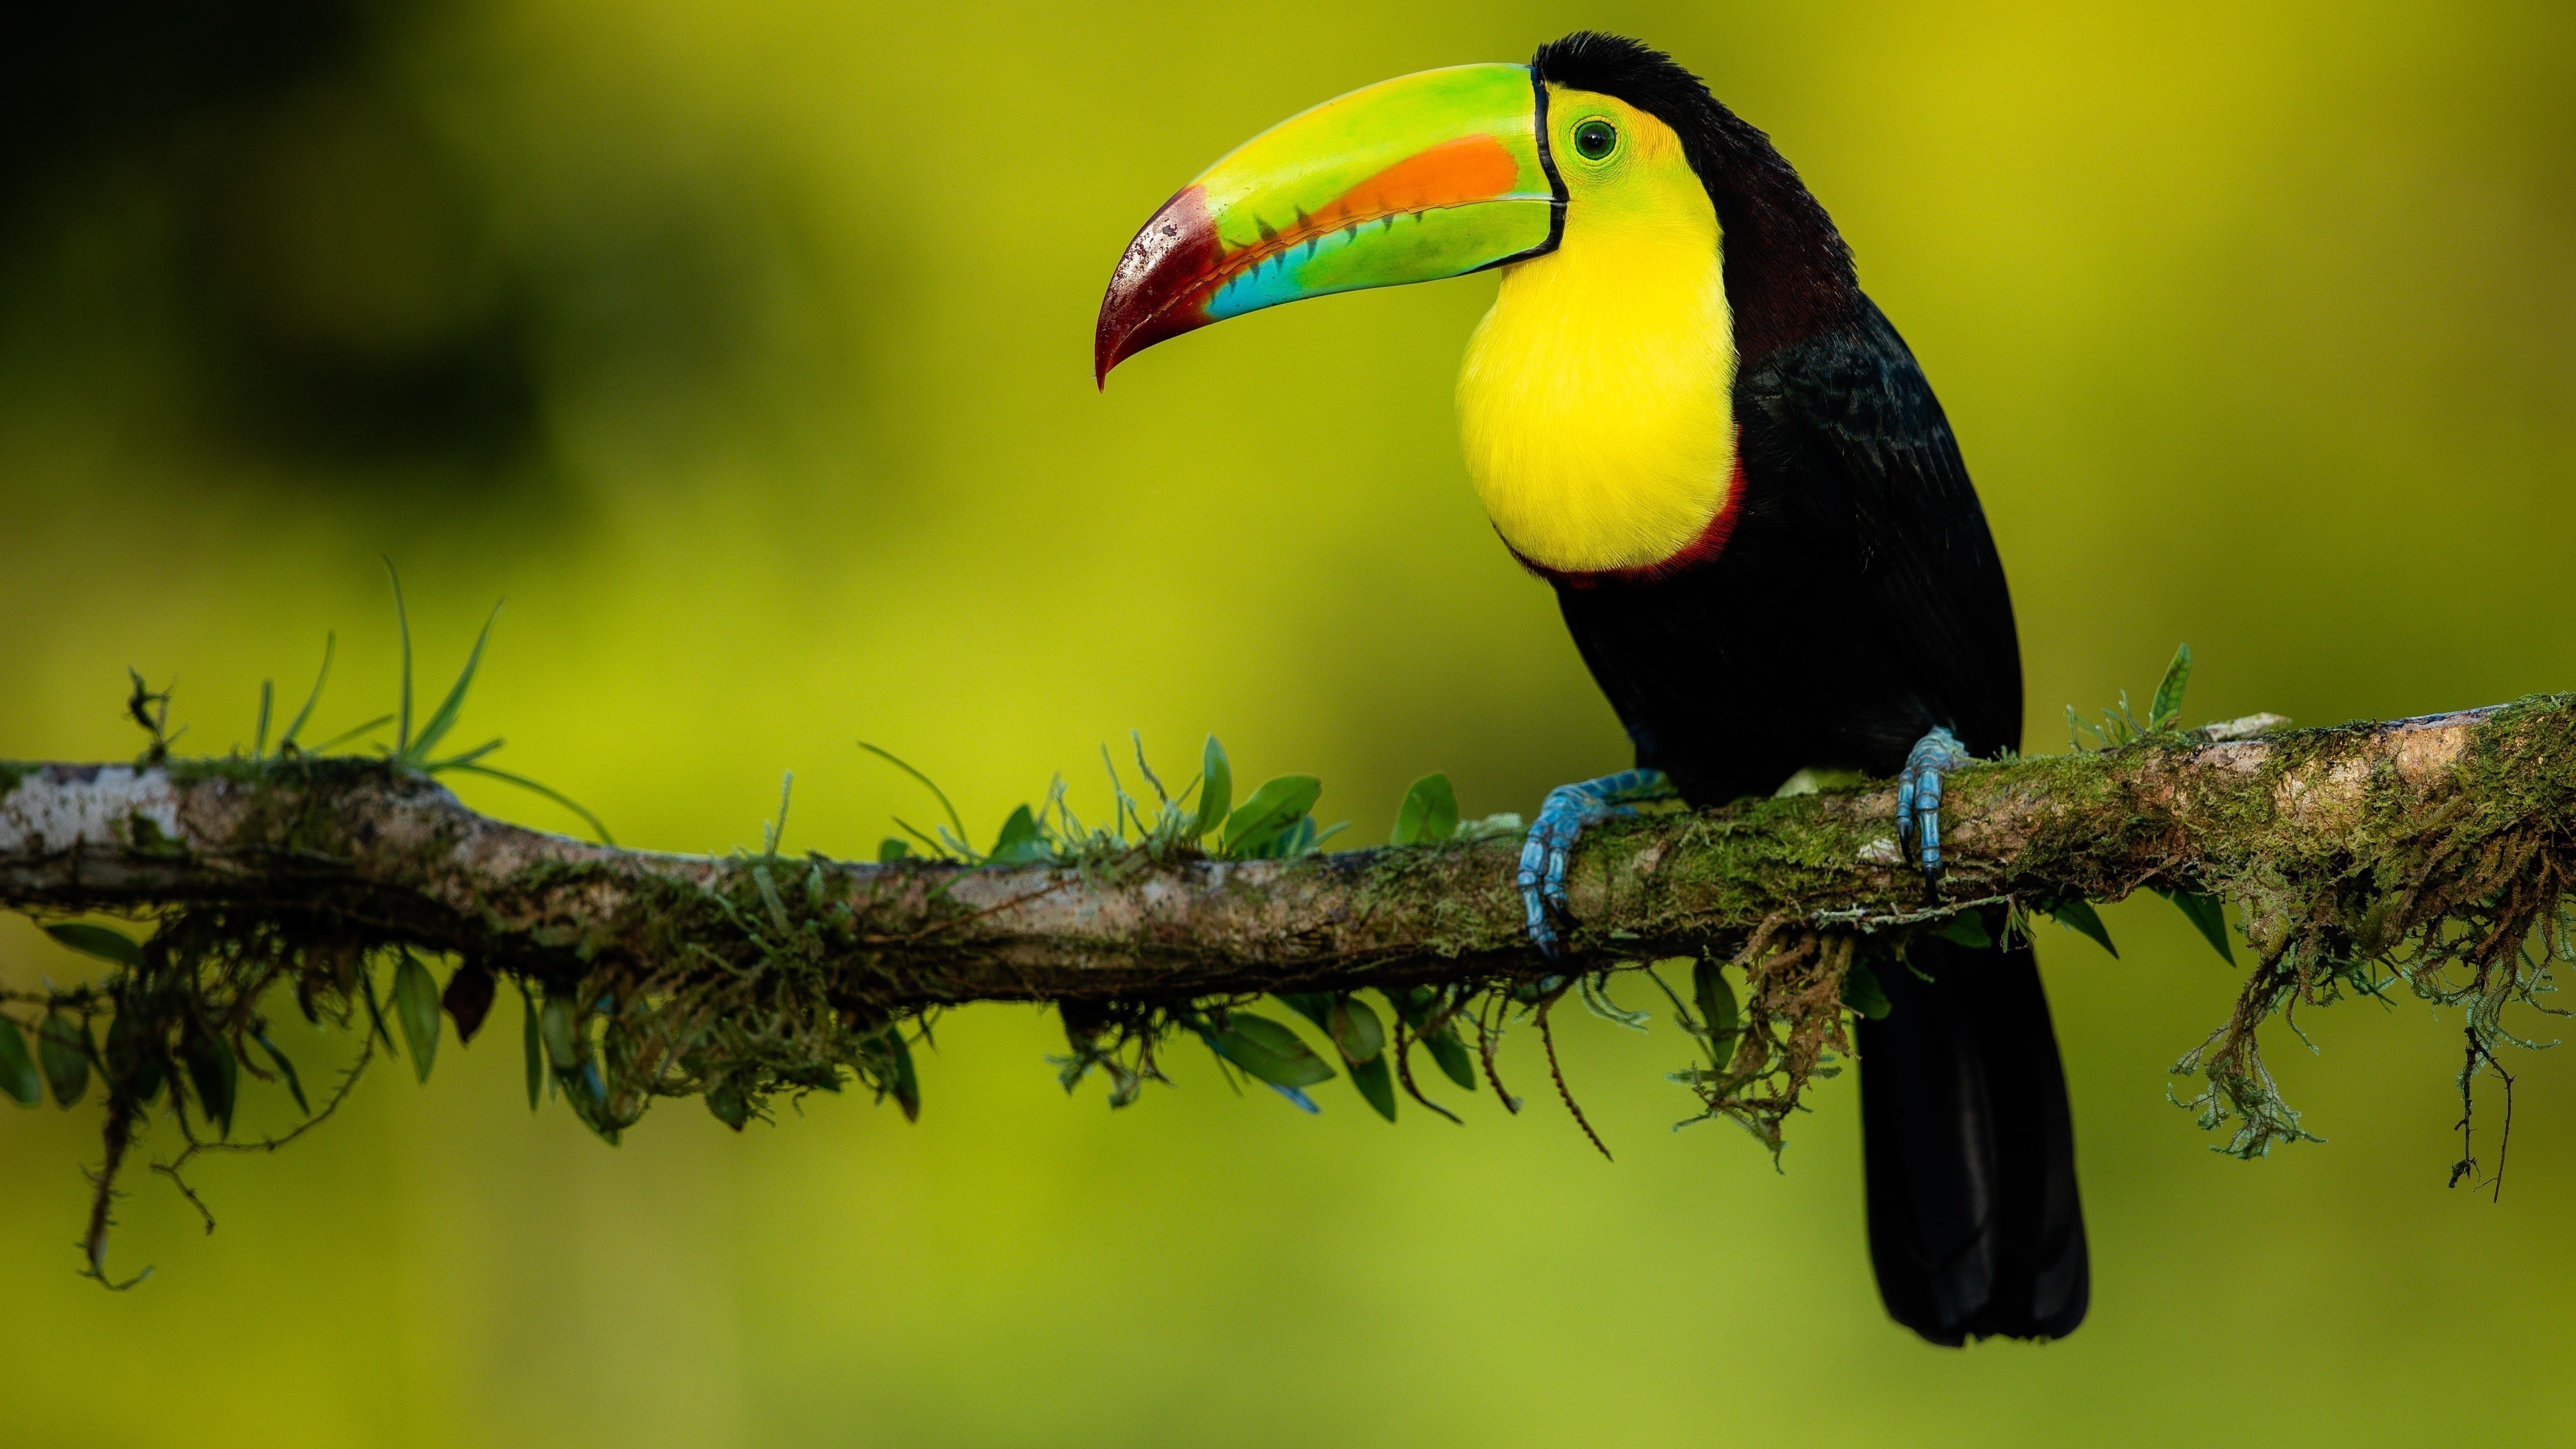 Черно желтый красочный острый нос тукана стоит на ветке дерева в зеленом размытом фоне животных обои скачать